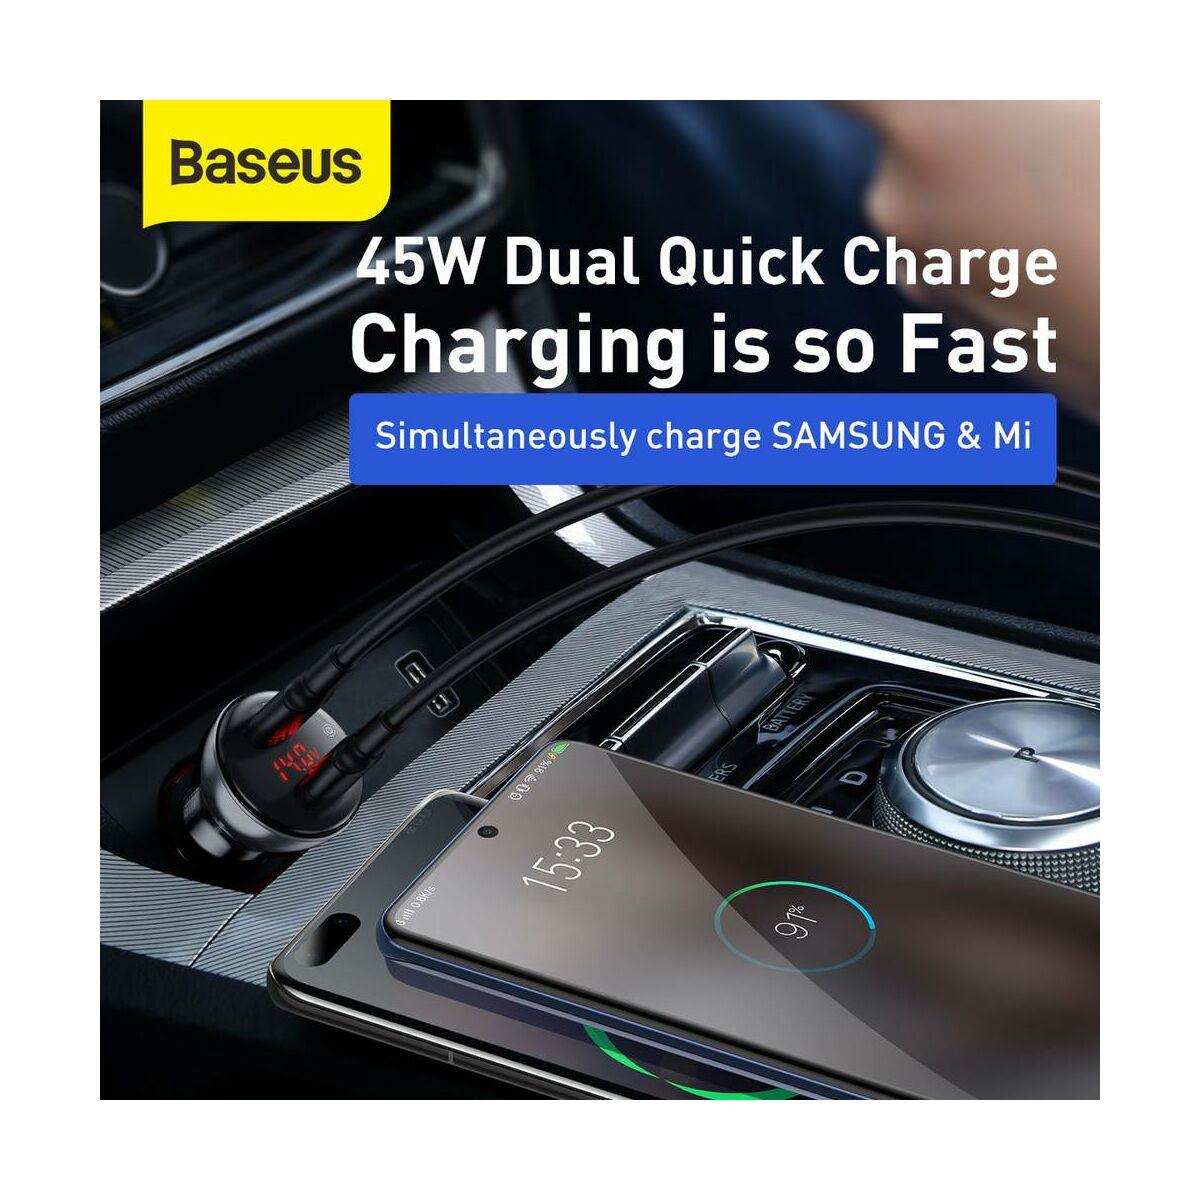 Baseus autós töltő, digitális kijelzővel dupla PPS, QC 3.0 C+U 45W, ezüst (CCBX-C0S)